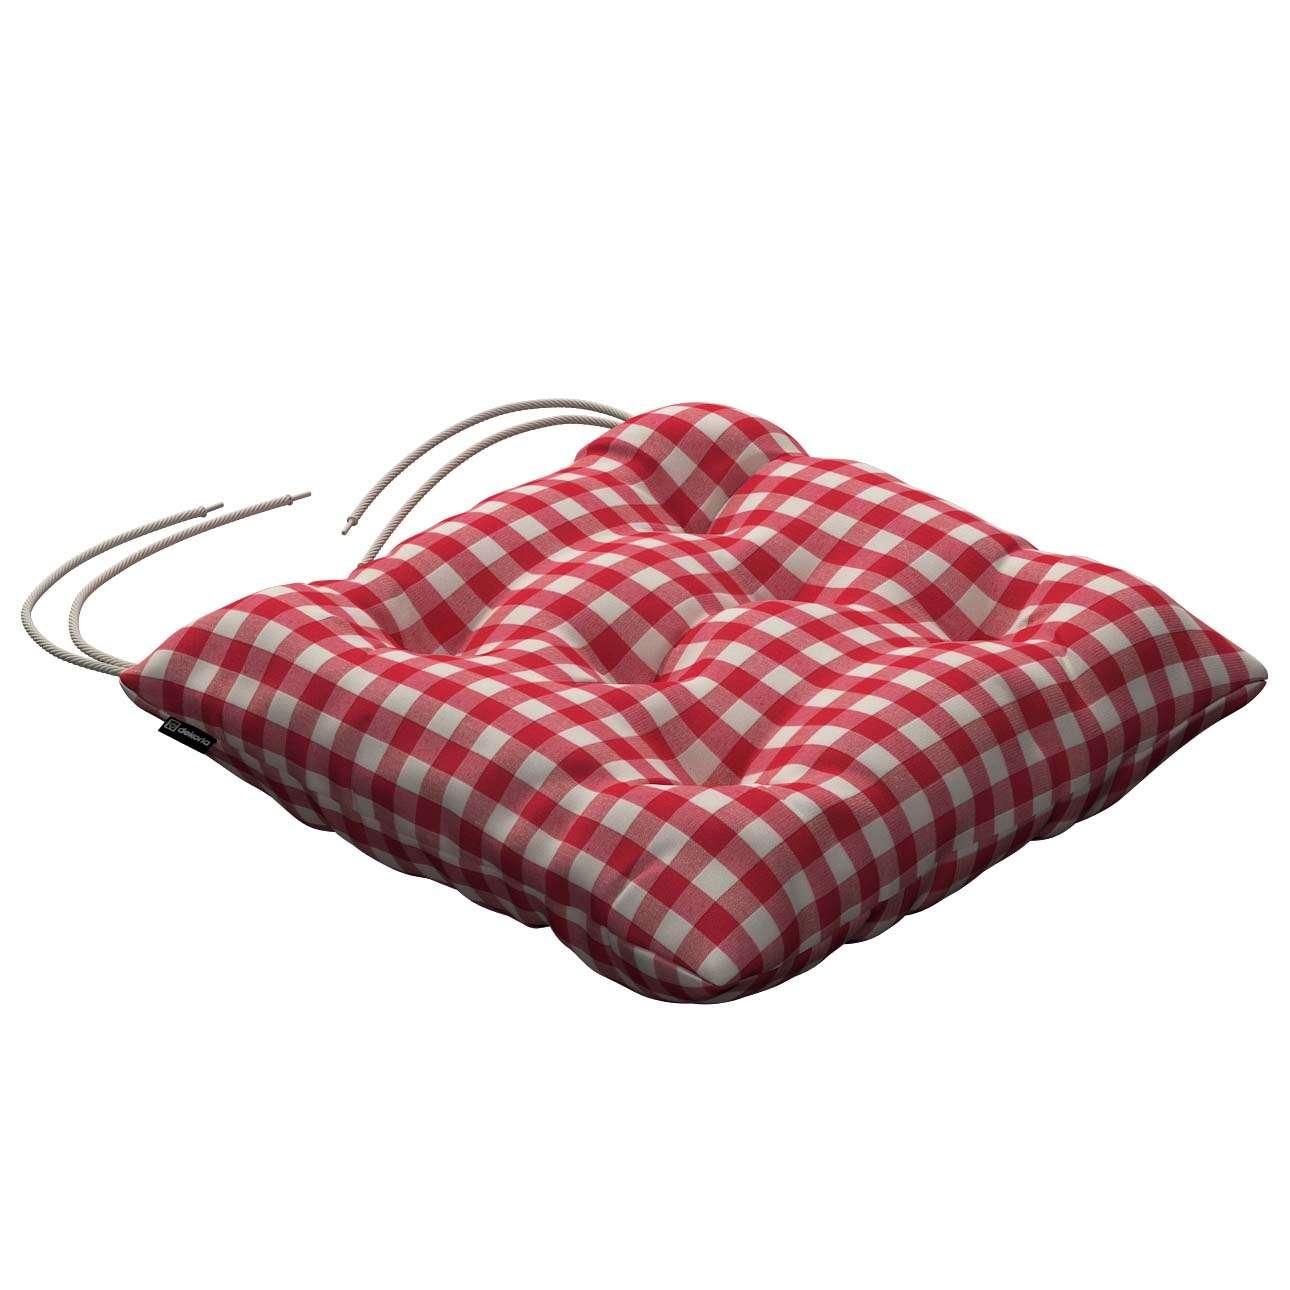 Siedzisko Jacek na krzesło 38x38x8cm w kolekcji Quadro, tkanina: 136-16